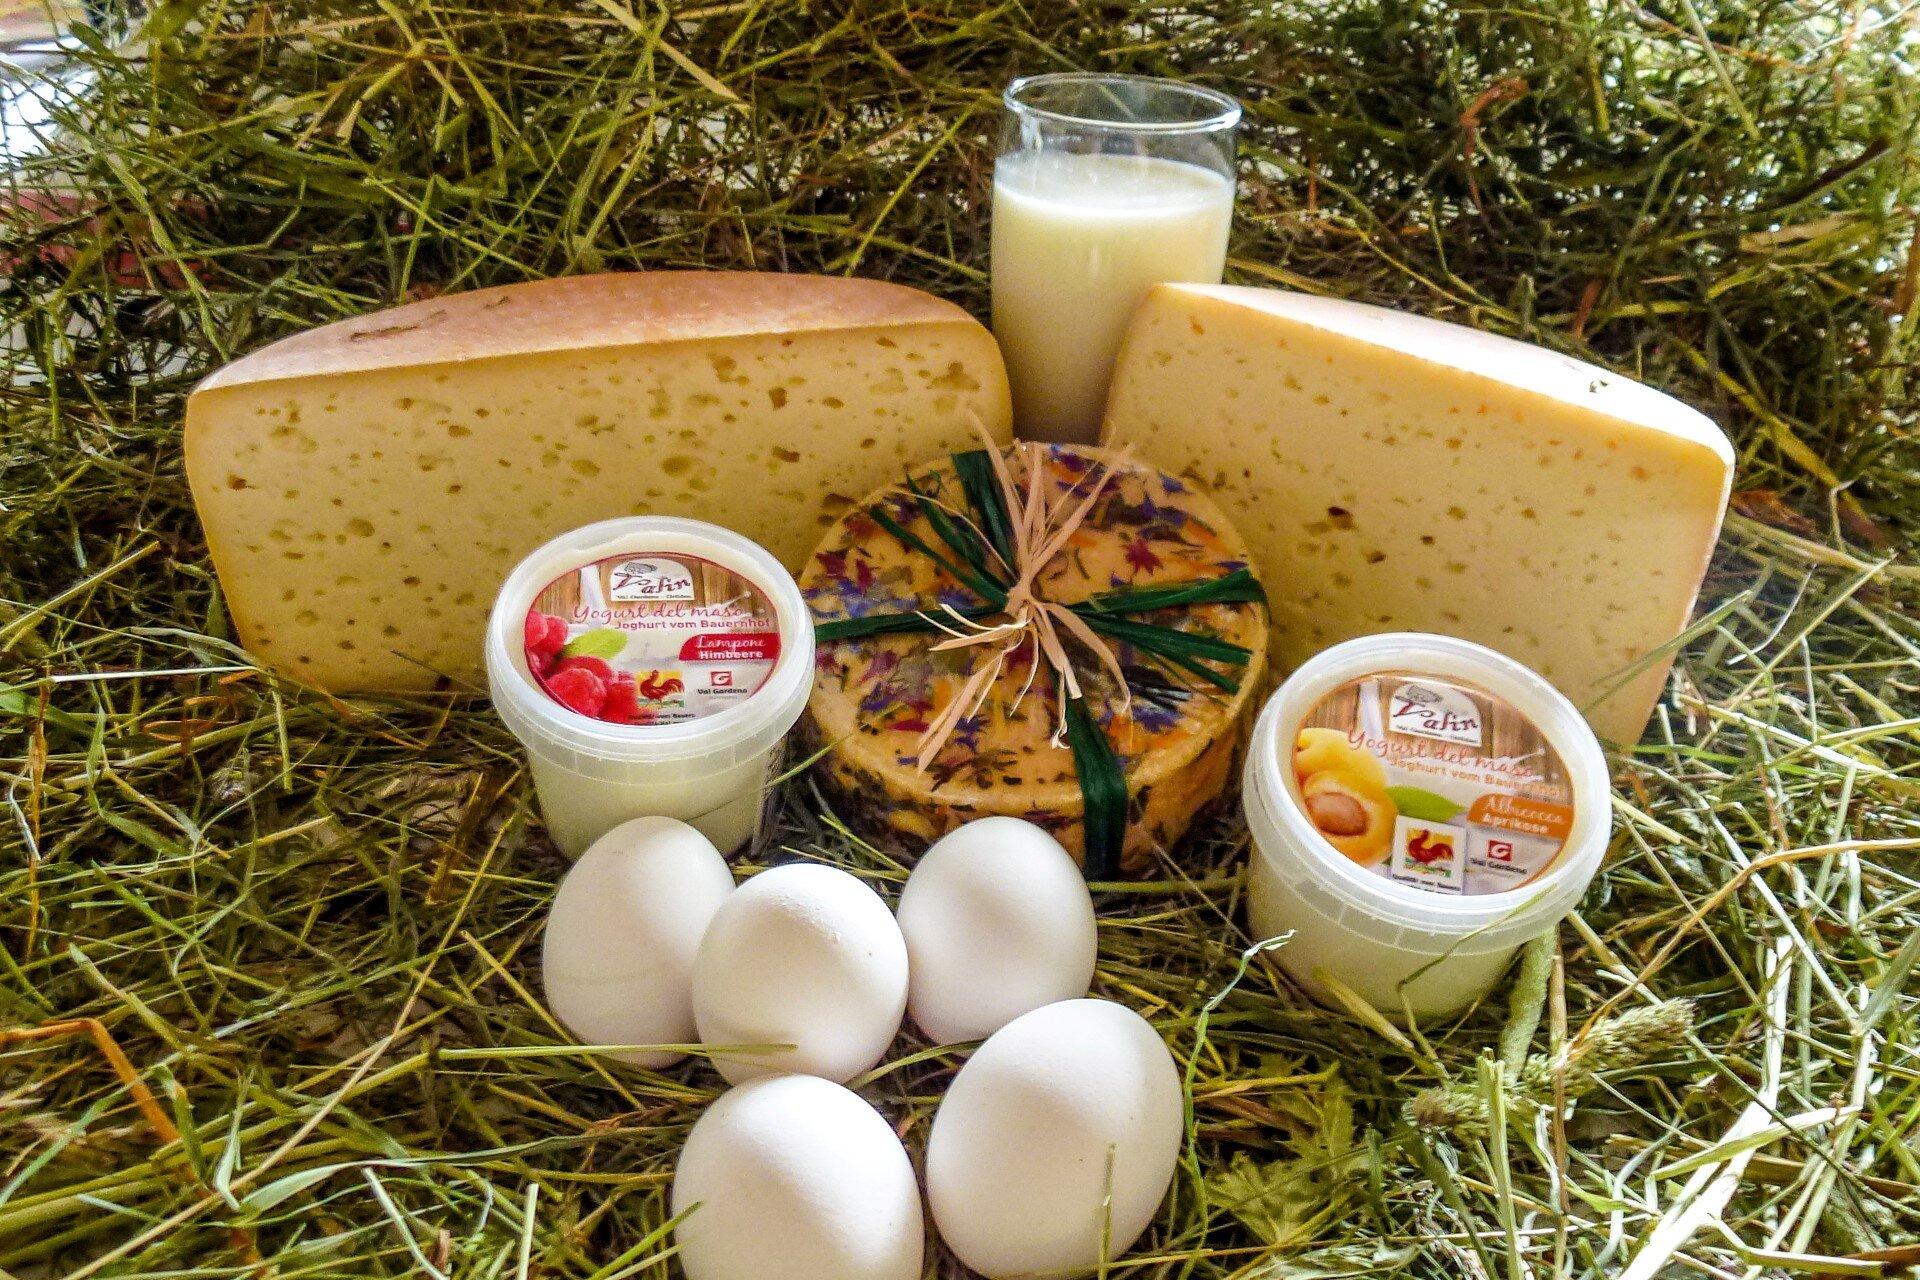 Sữa và các chế phẩm từ sữa giàu canxi và vitamin D tốt cho xương